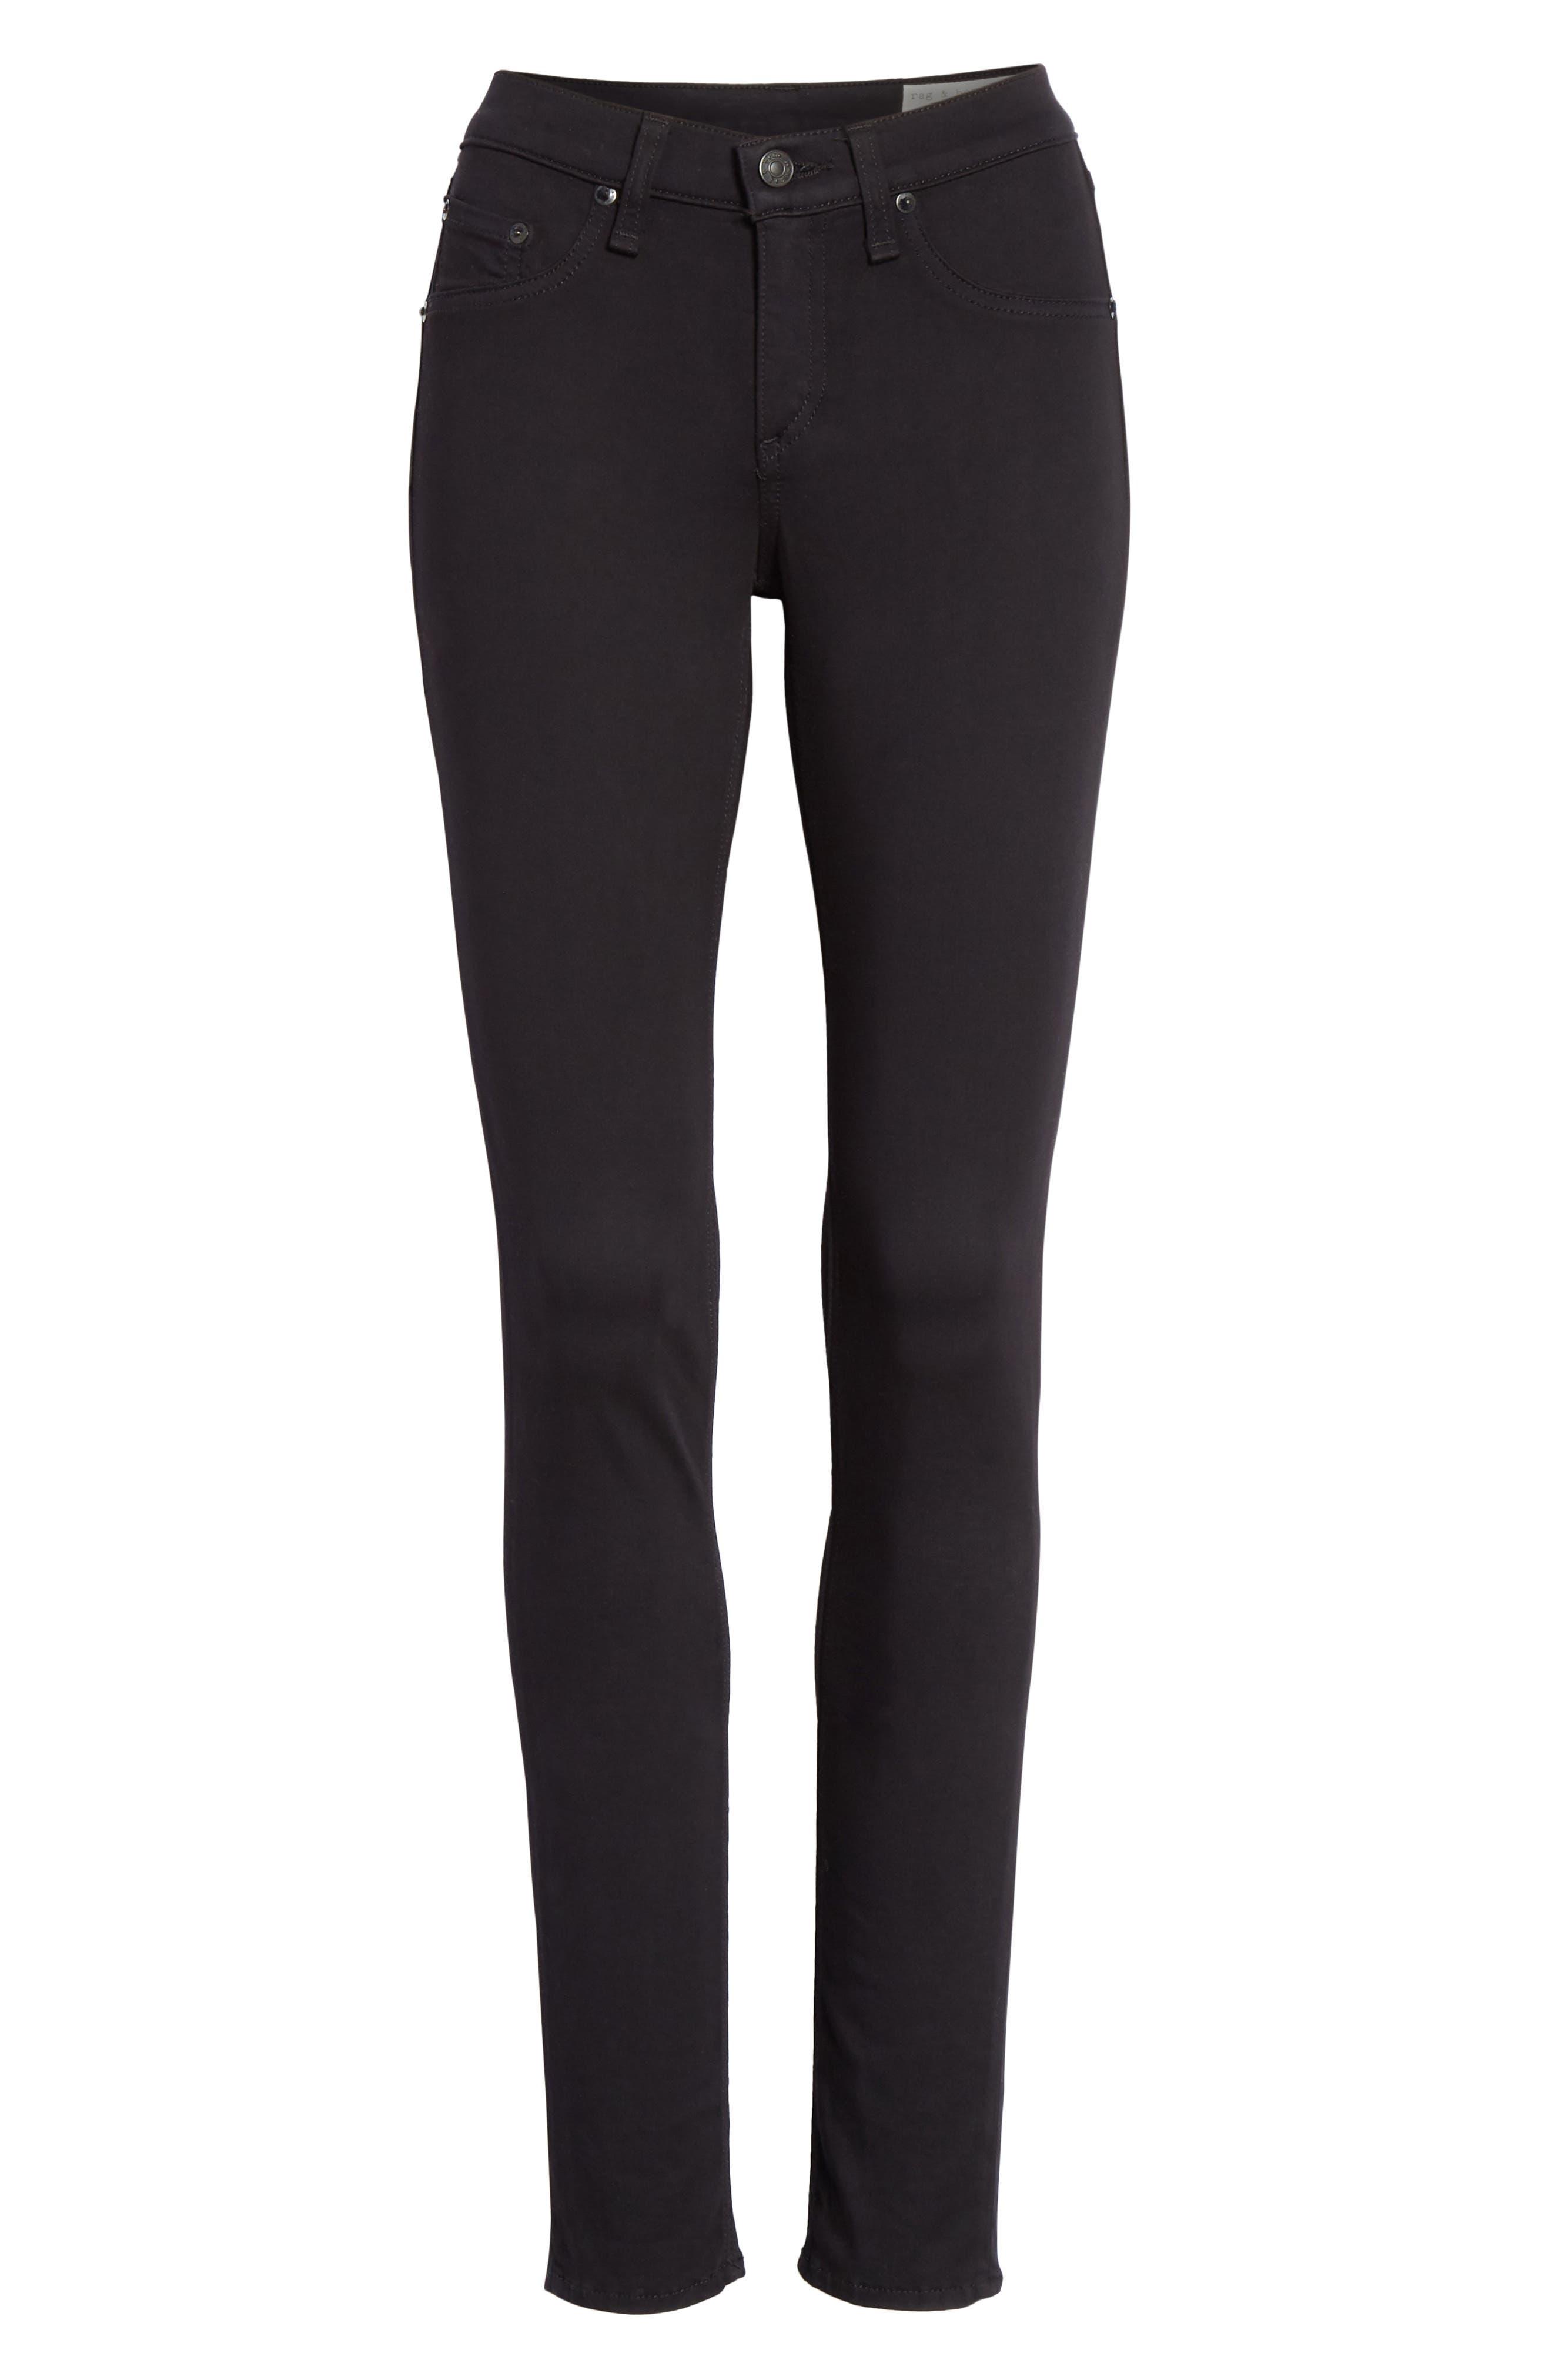 RAG & BONE, High Waist Ankle Skinny Jeans, Alternate thumbnail 7, color, BLACK